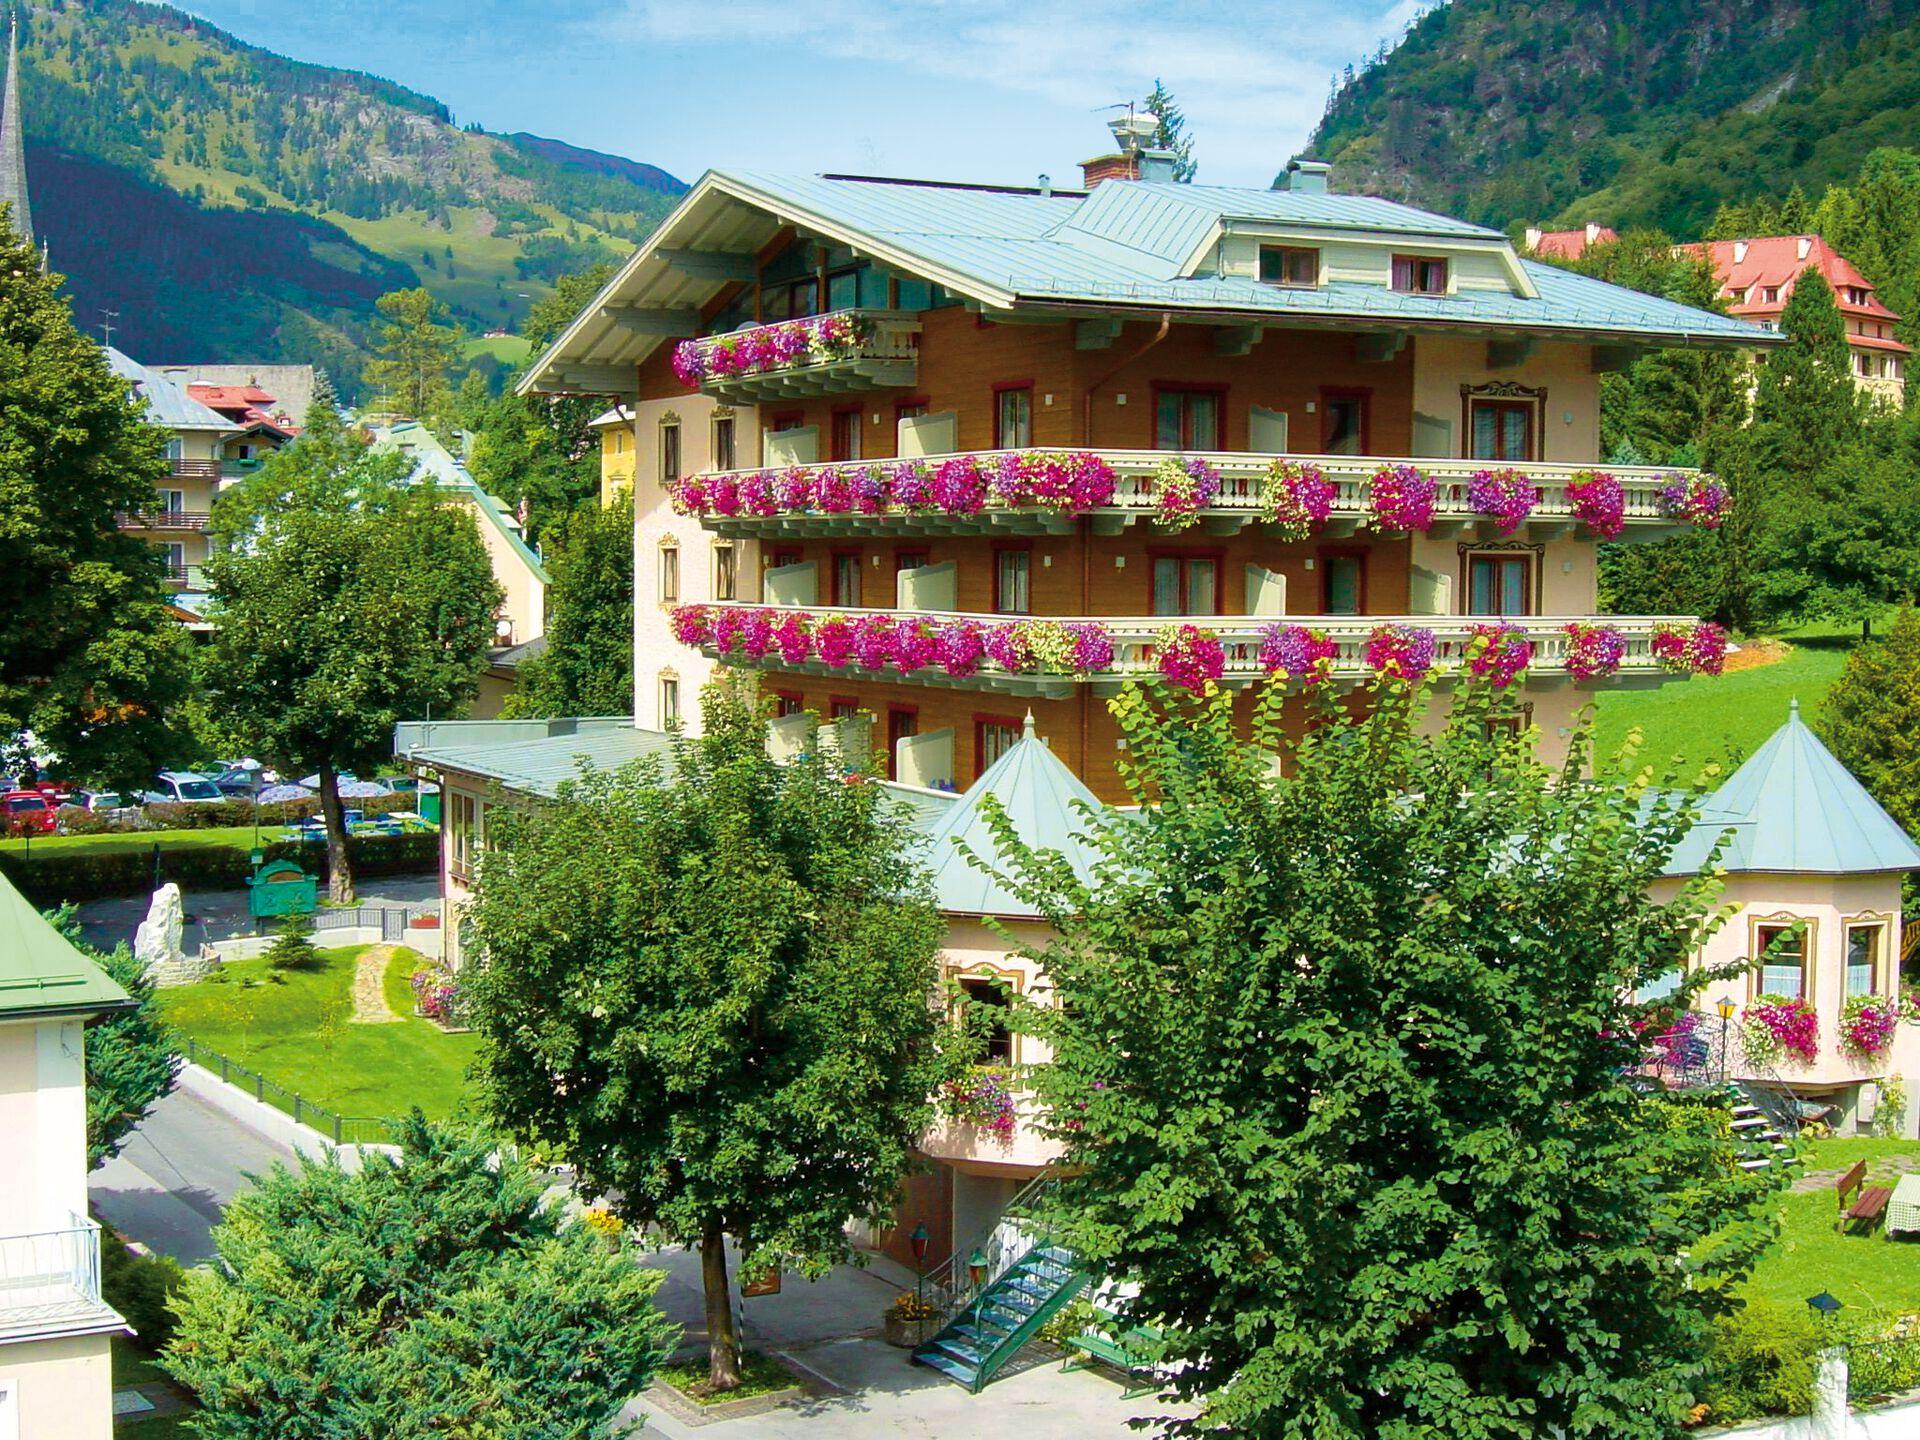 Herzlich willkommen in Ihrem 4*-Hotel Völserhof